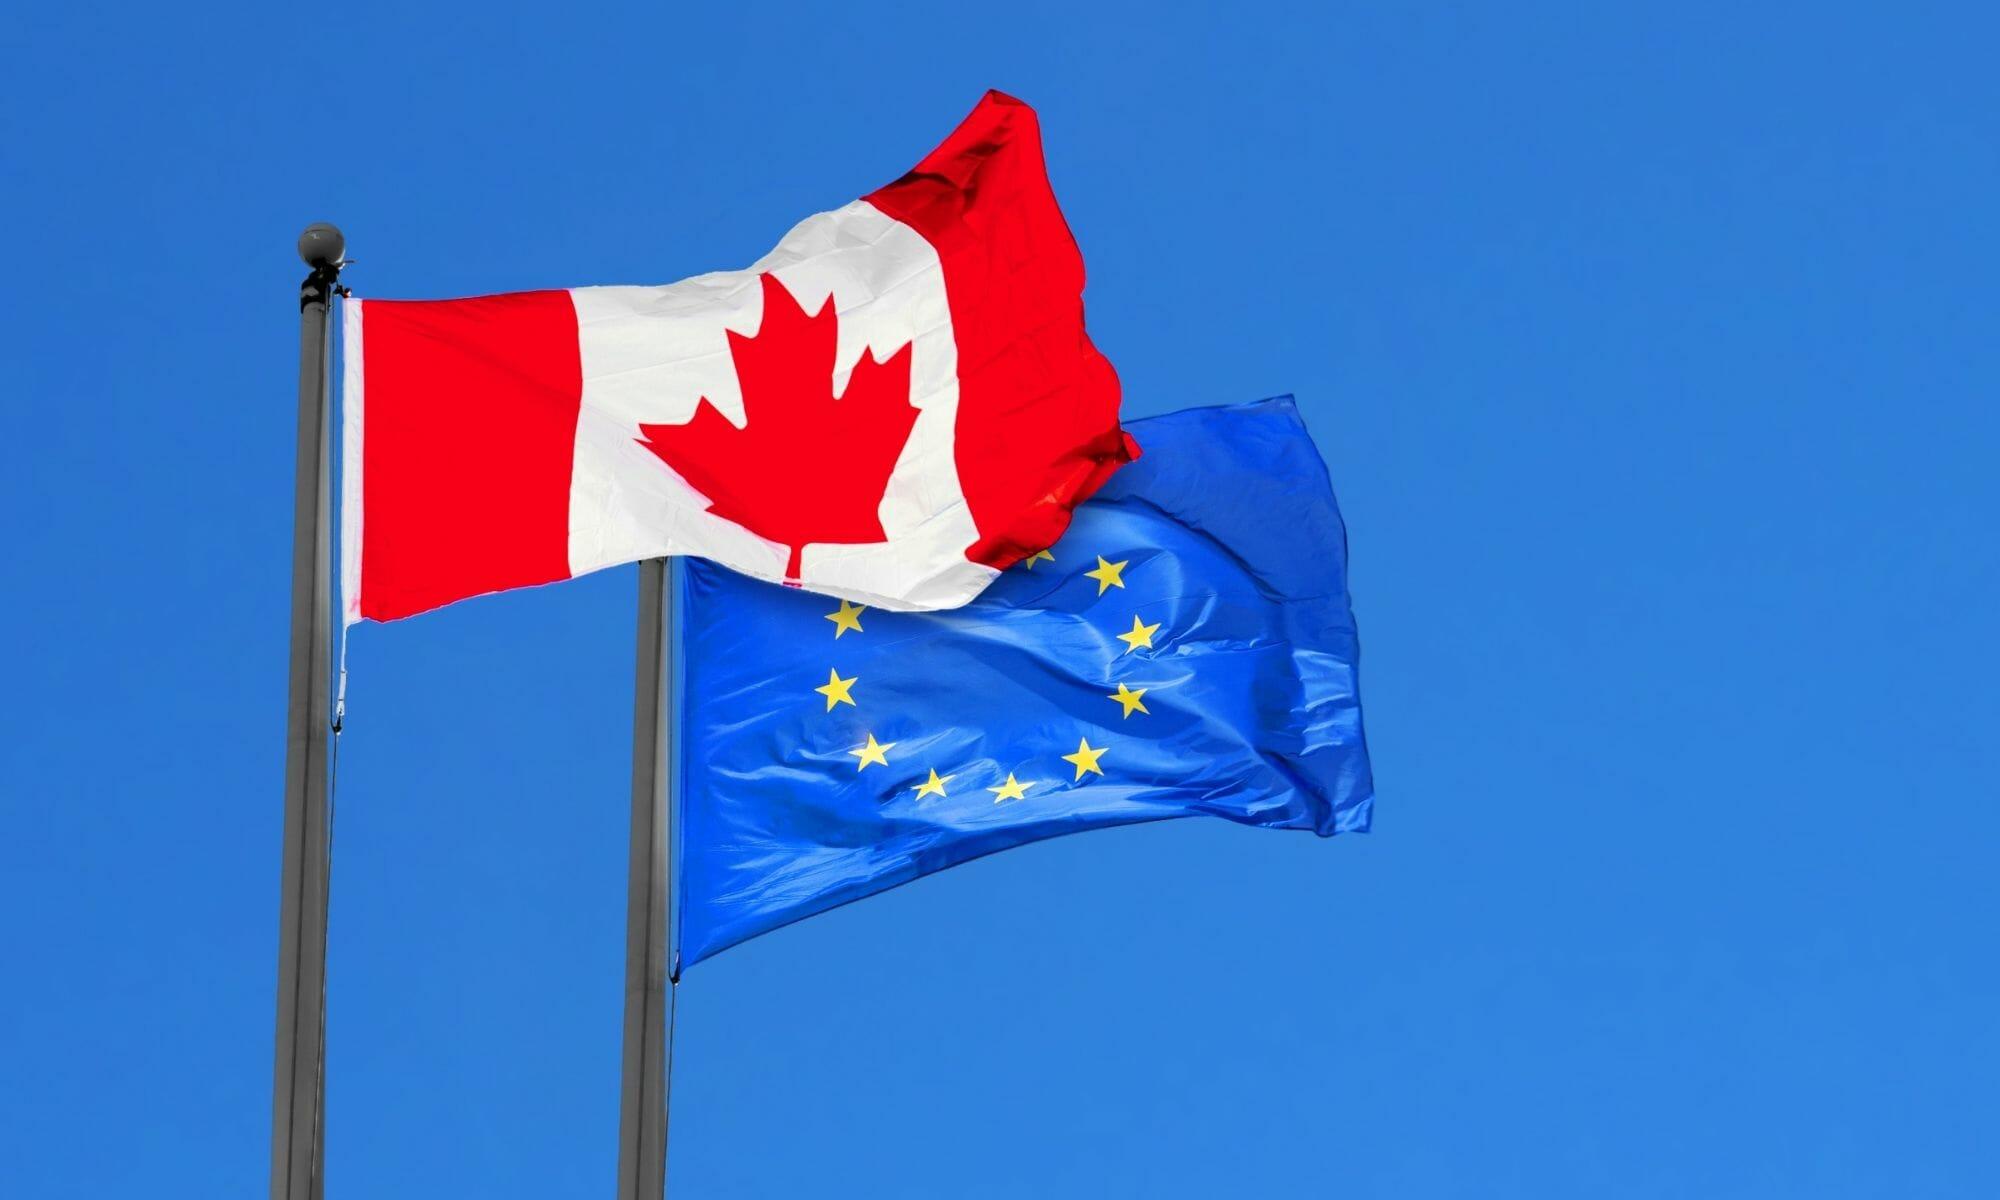 Émission Vivre ailleurs sur RFI : Crise sanitaire et opportunités d'emploi en Europe et au Canada